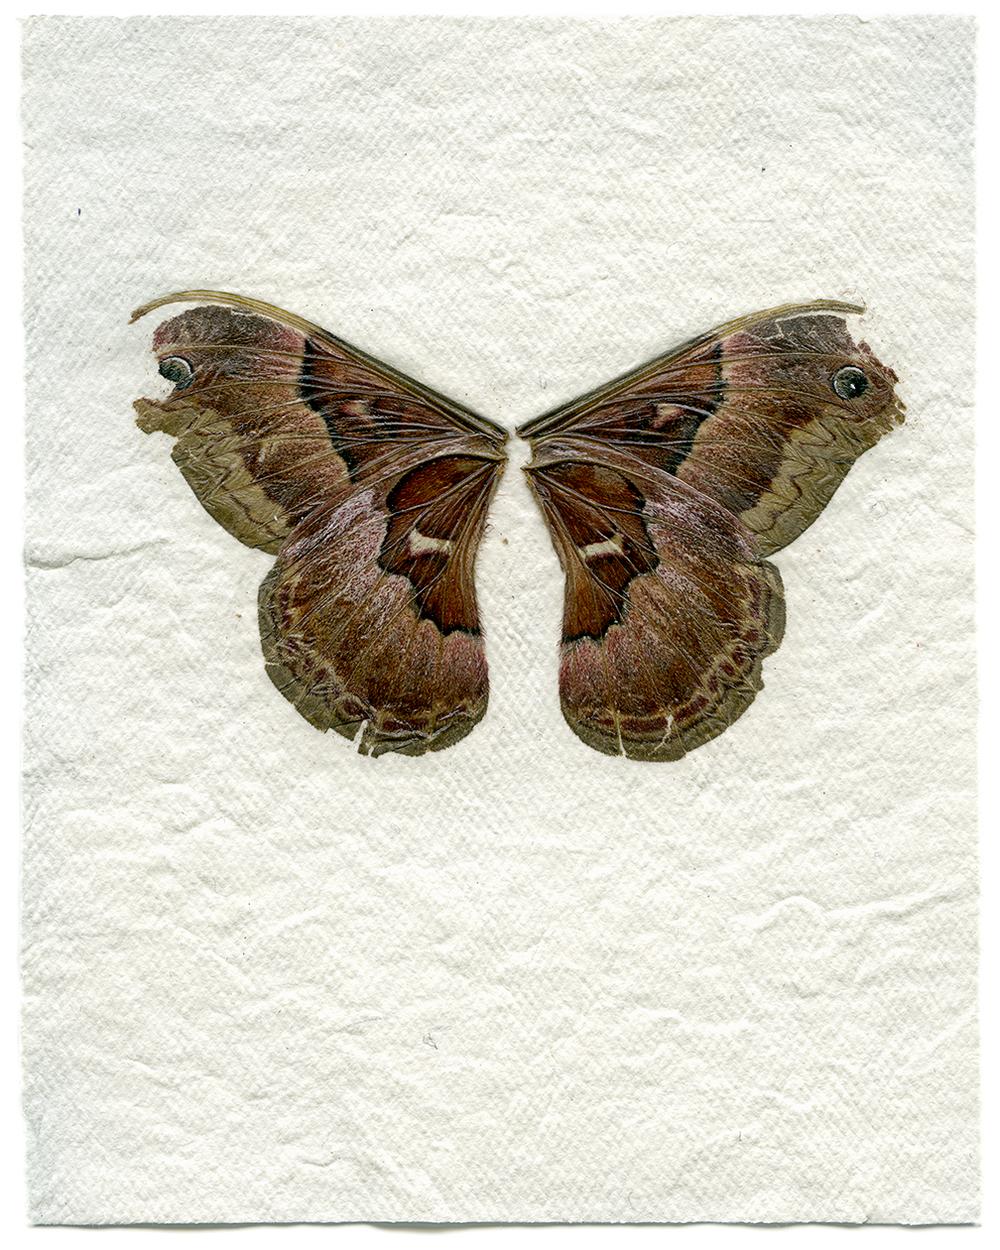 Female Promethea Moth (2014)